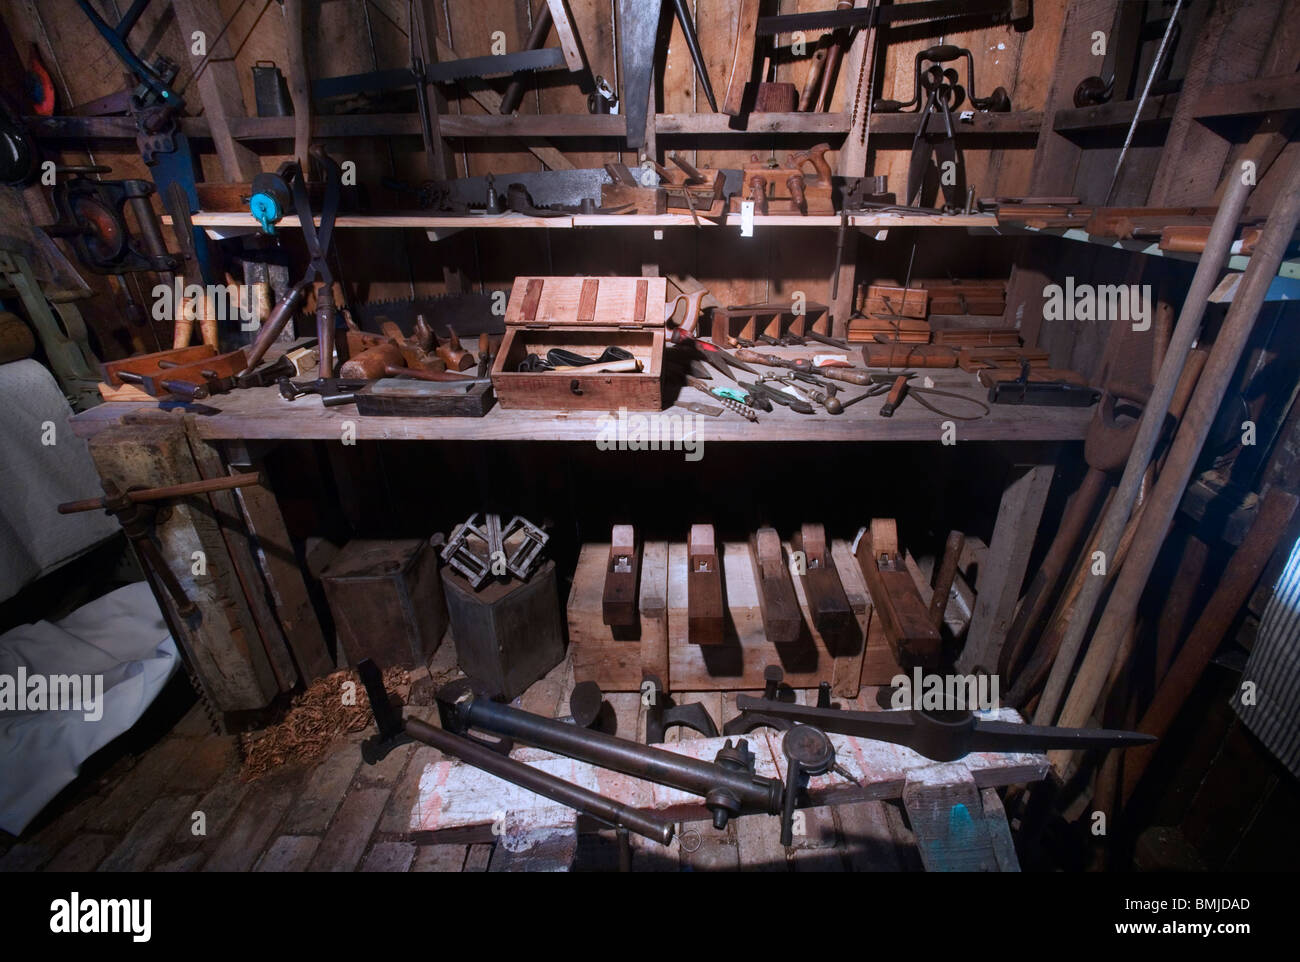 Herramientas De Carpinteria Imágenes De Stock   Herramientas De ... 8de04b6022d9